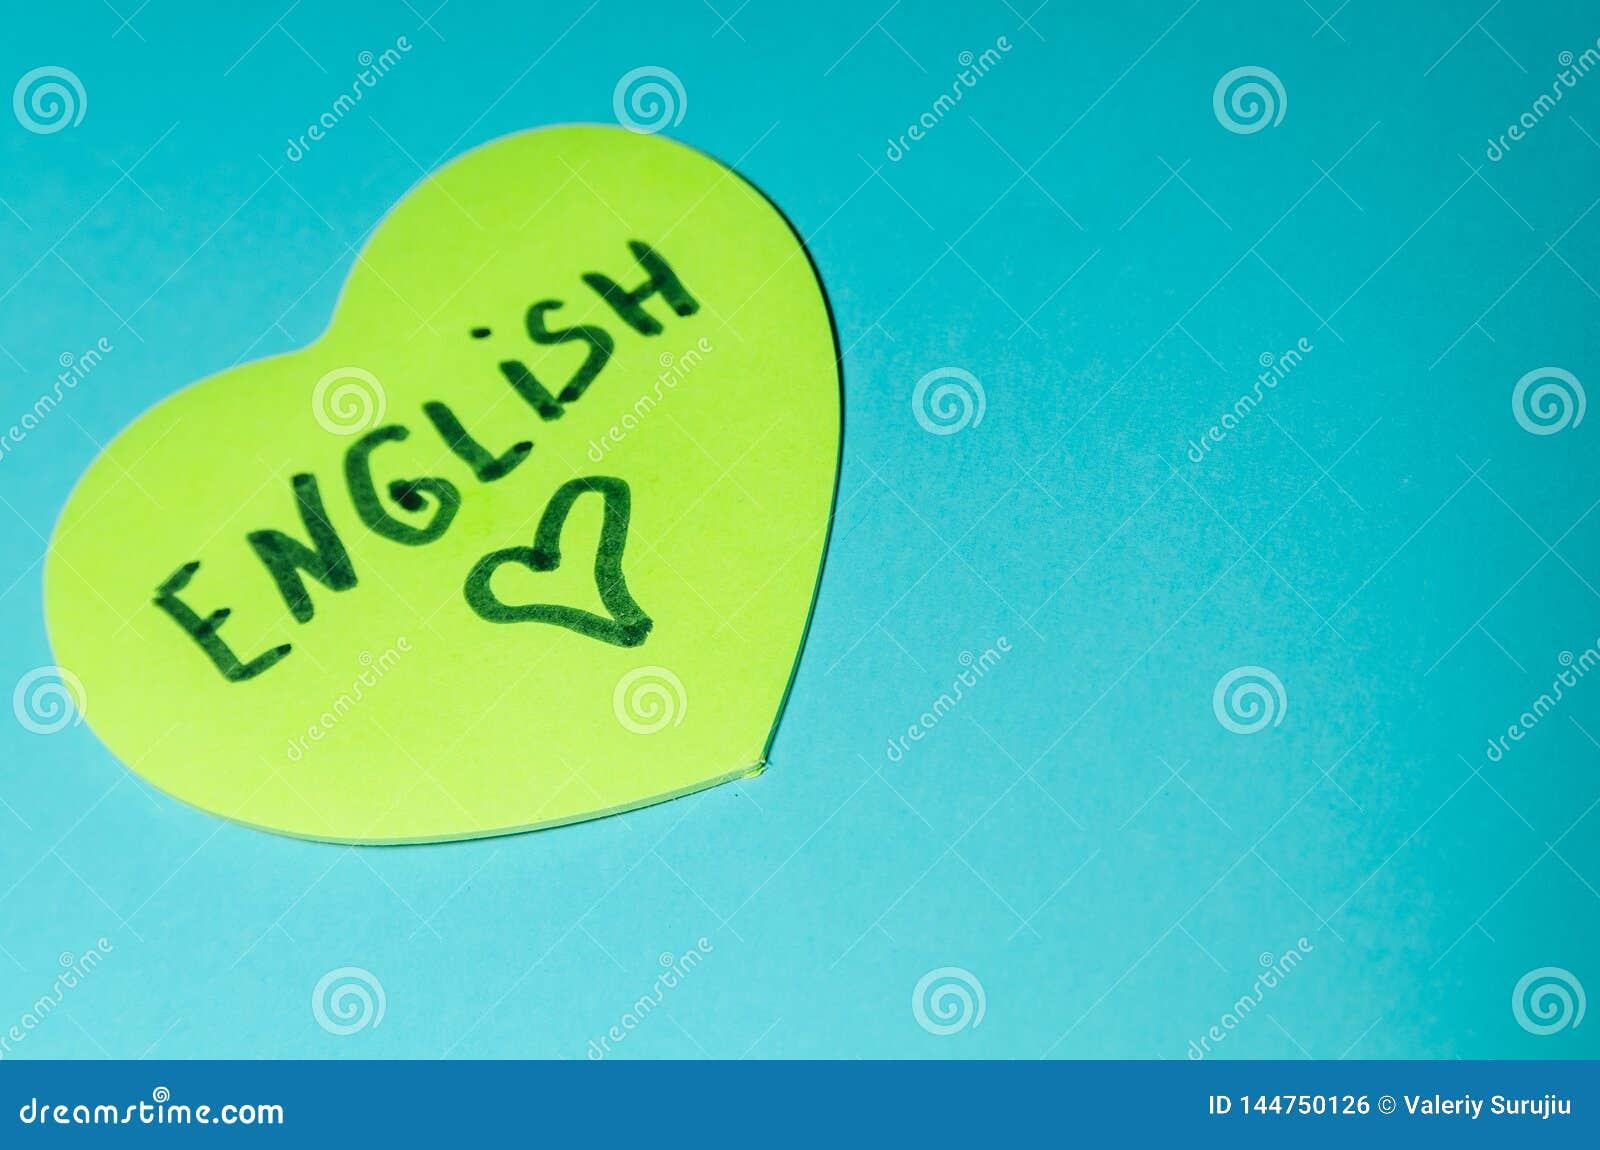 Englisch geschrieben auf Aufkleber in Form eines Herzens